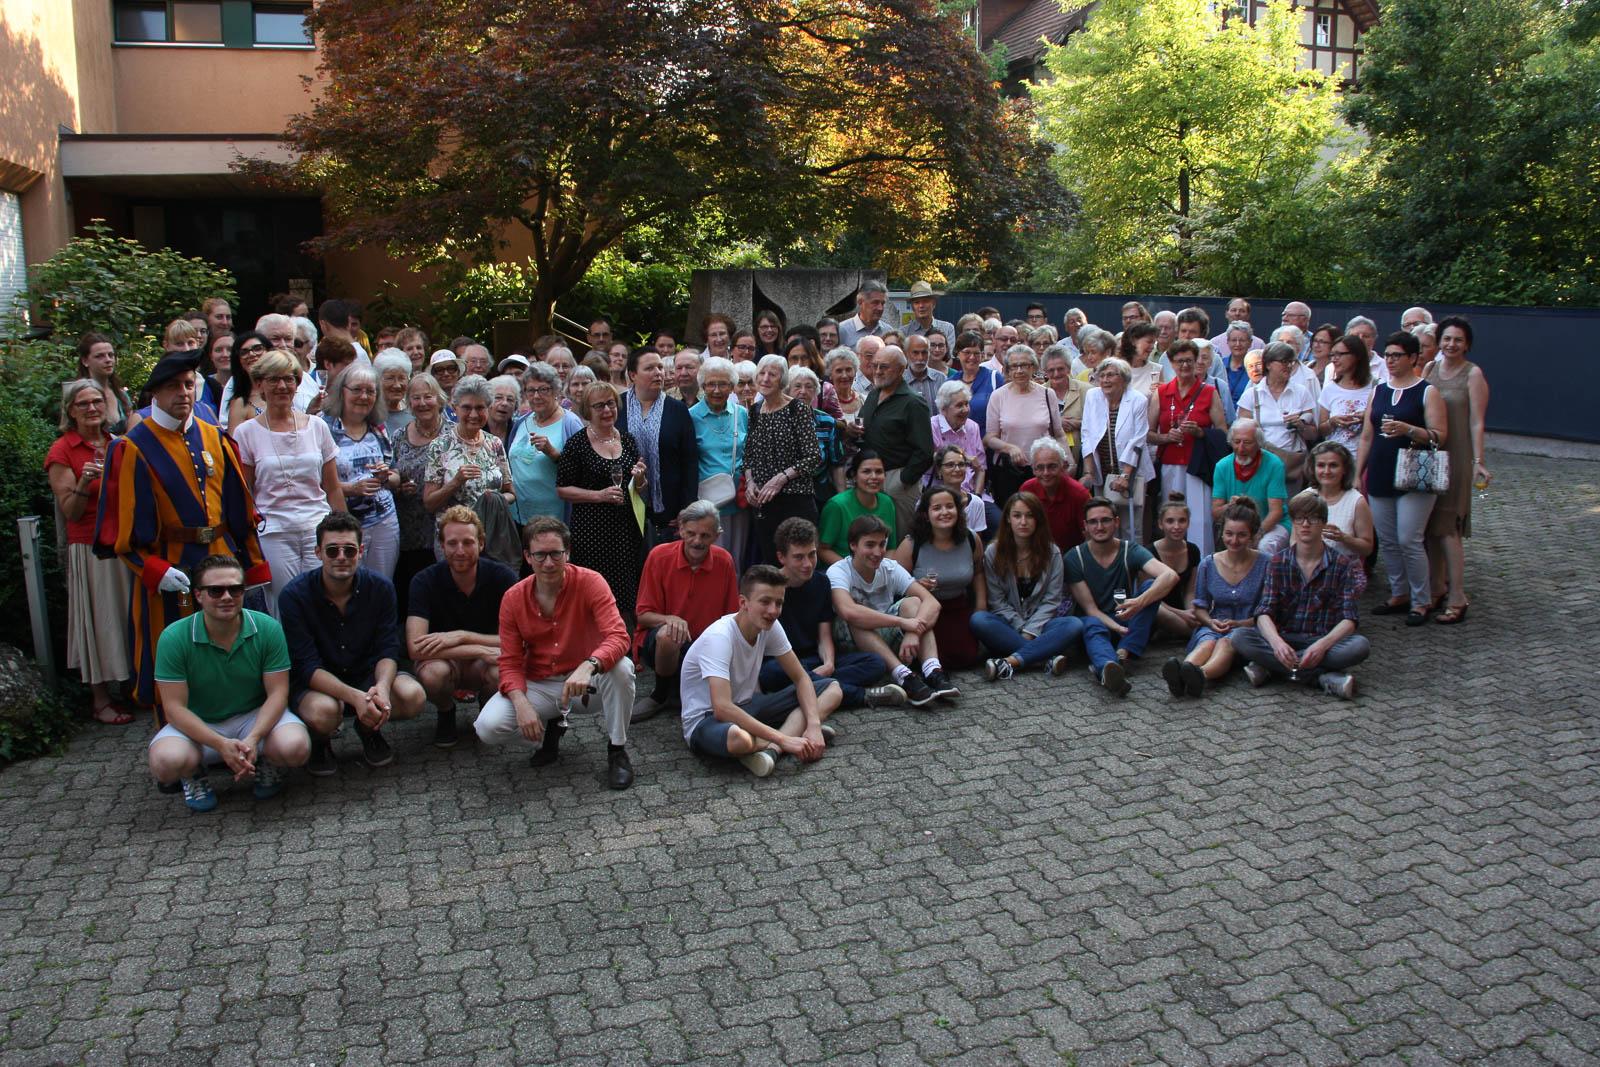 Gruppenfoto des Helferfestes mit Schweizer Gardist.